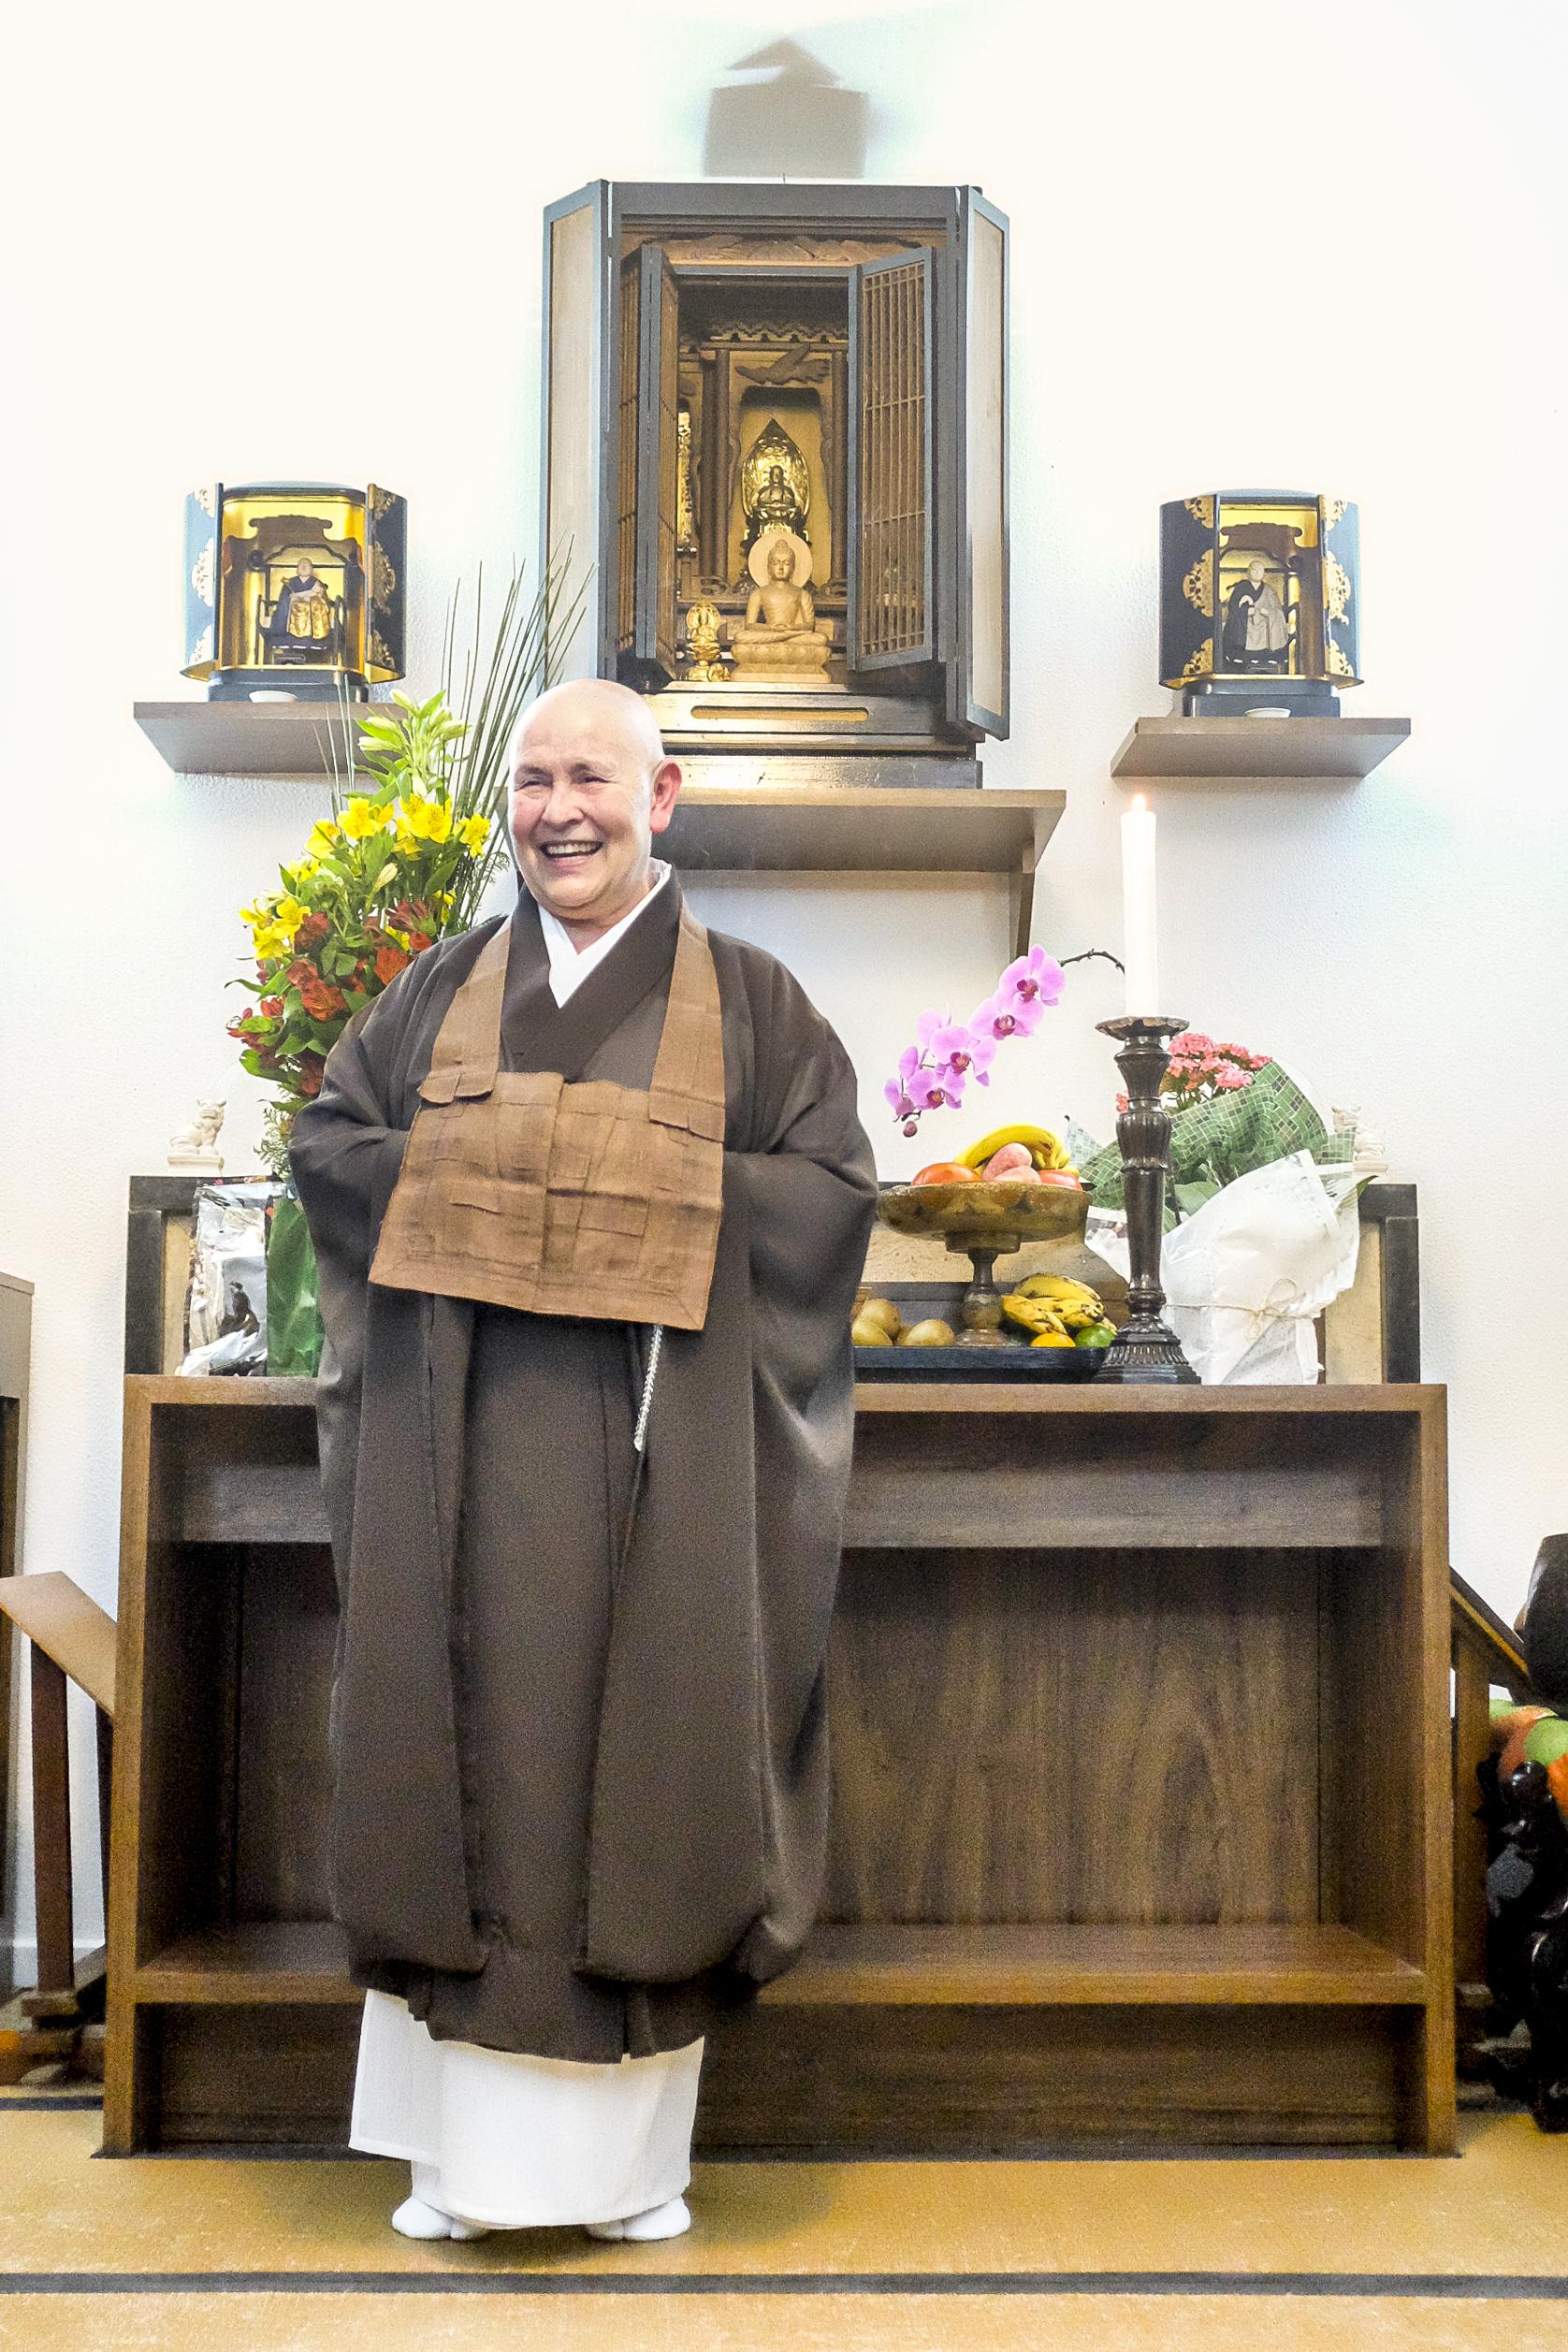 """Monja Coen: """"Minha tarefa como monja zen budista é provocar as pessoas a despertar, sentir prazer na existência, viver uma vida agradável e saudável para você e para todos"""""""